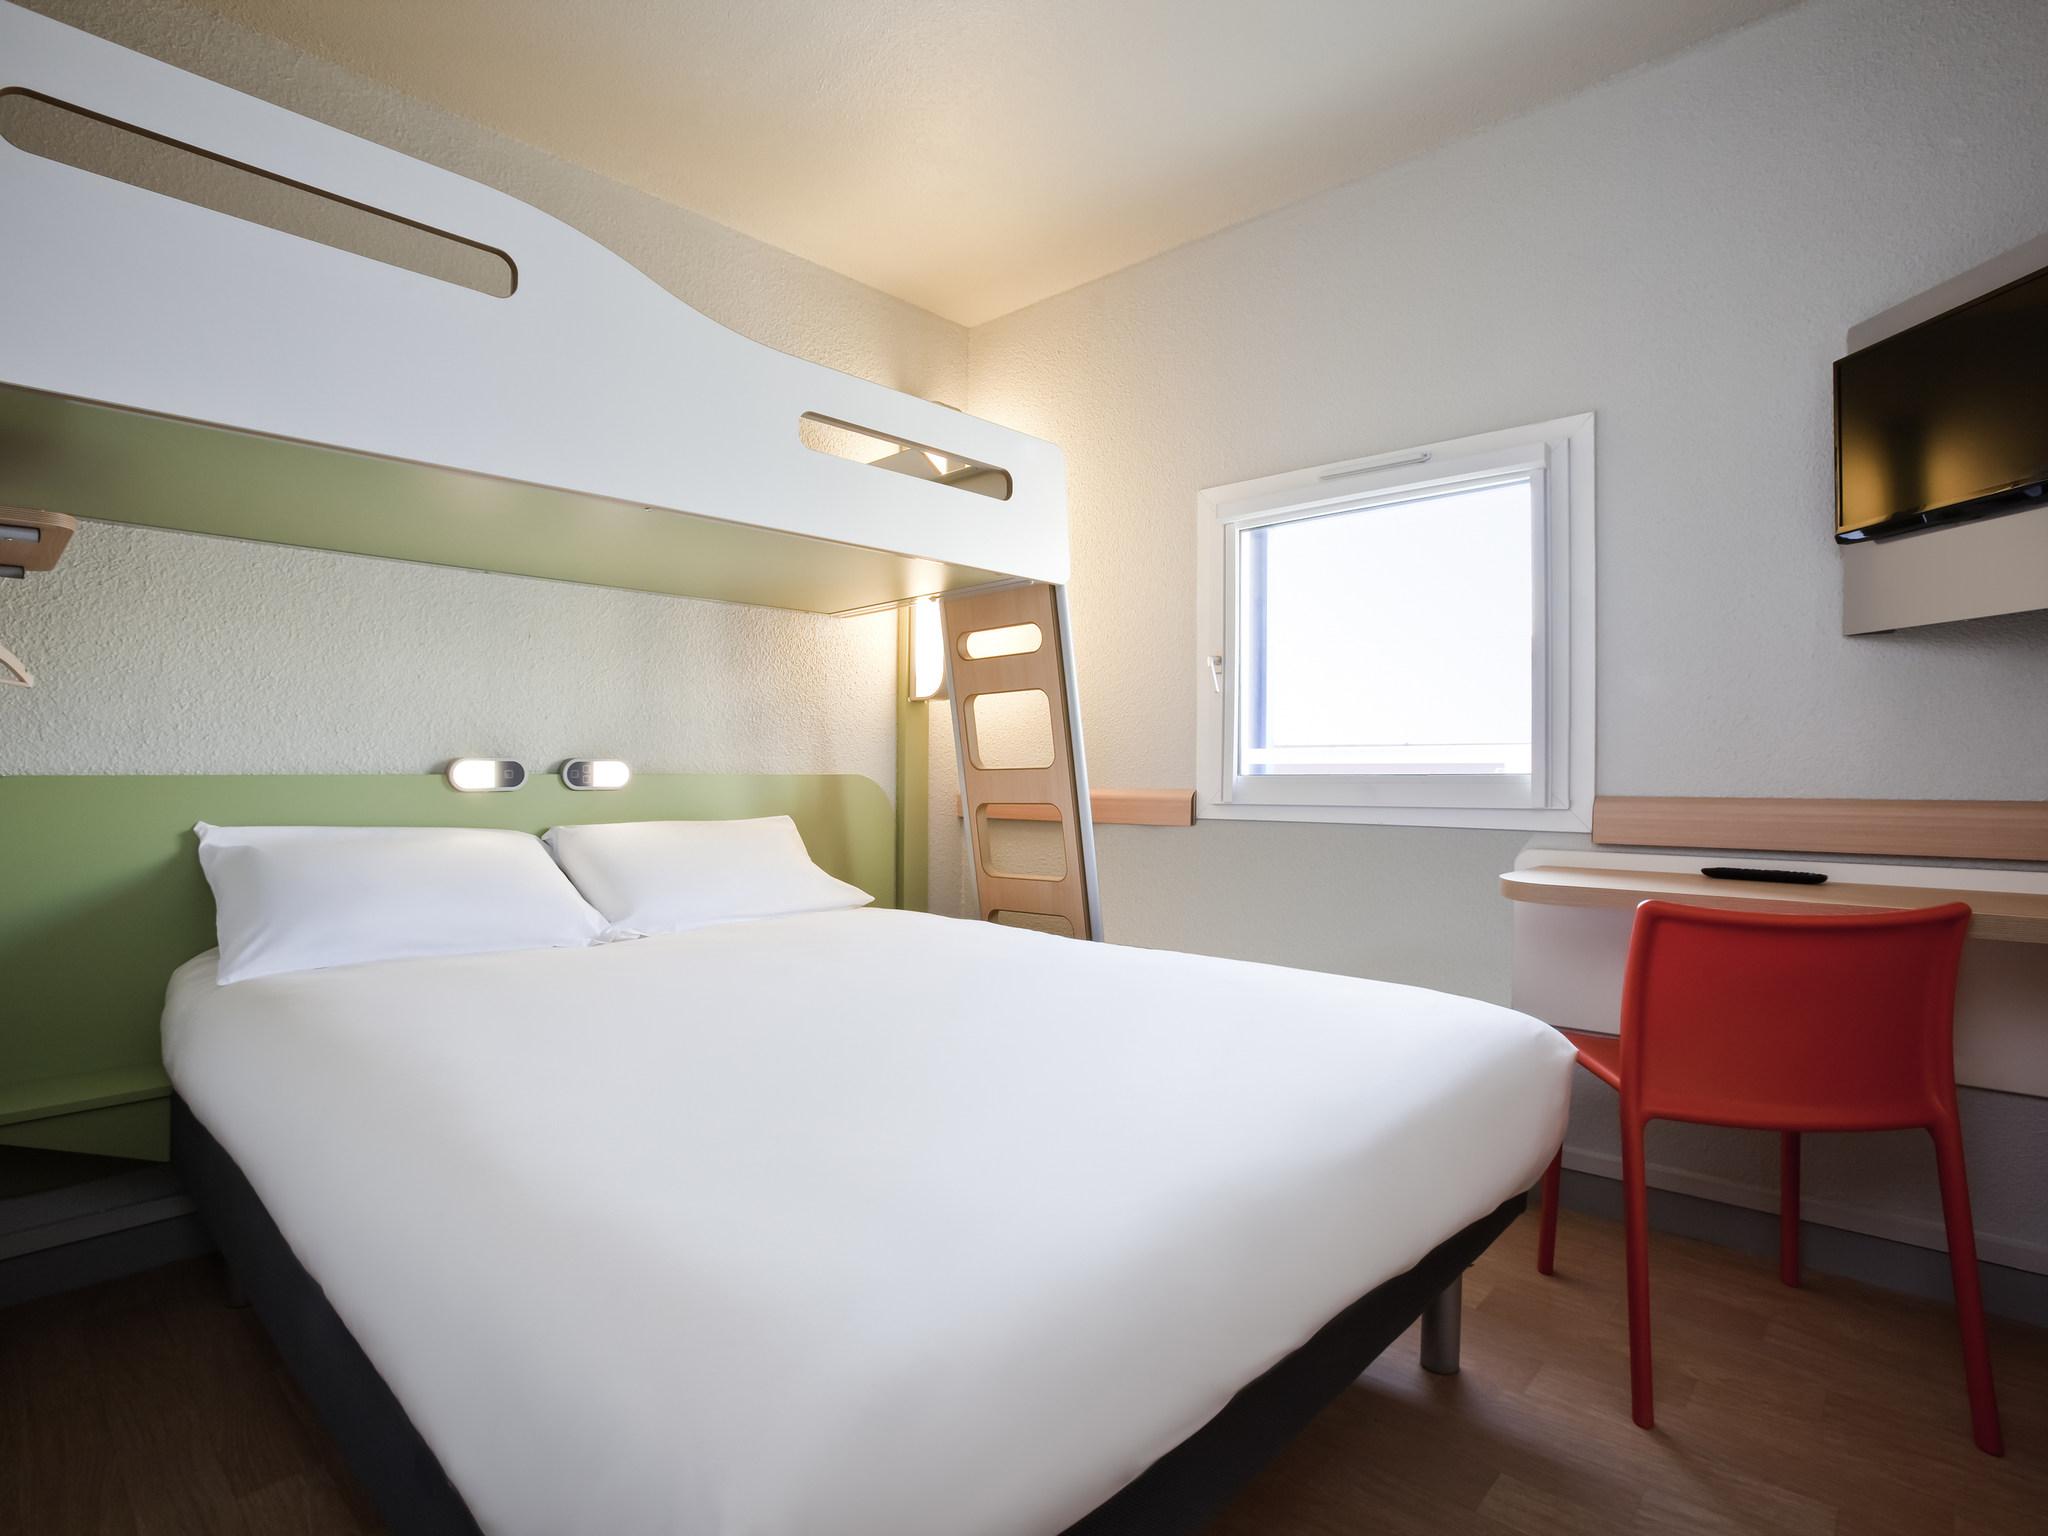 Отель — ibis budget Pontault-Combault RN4 Marne-la-Vallée